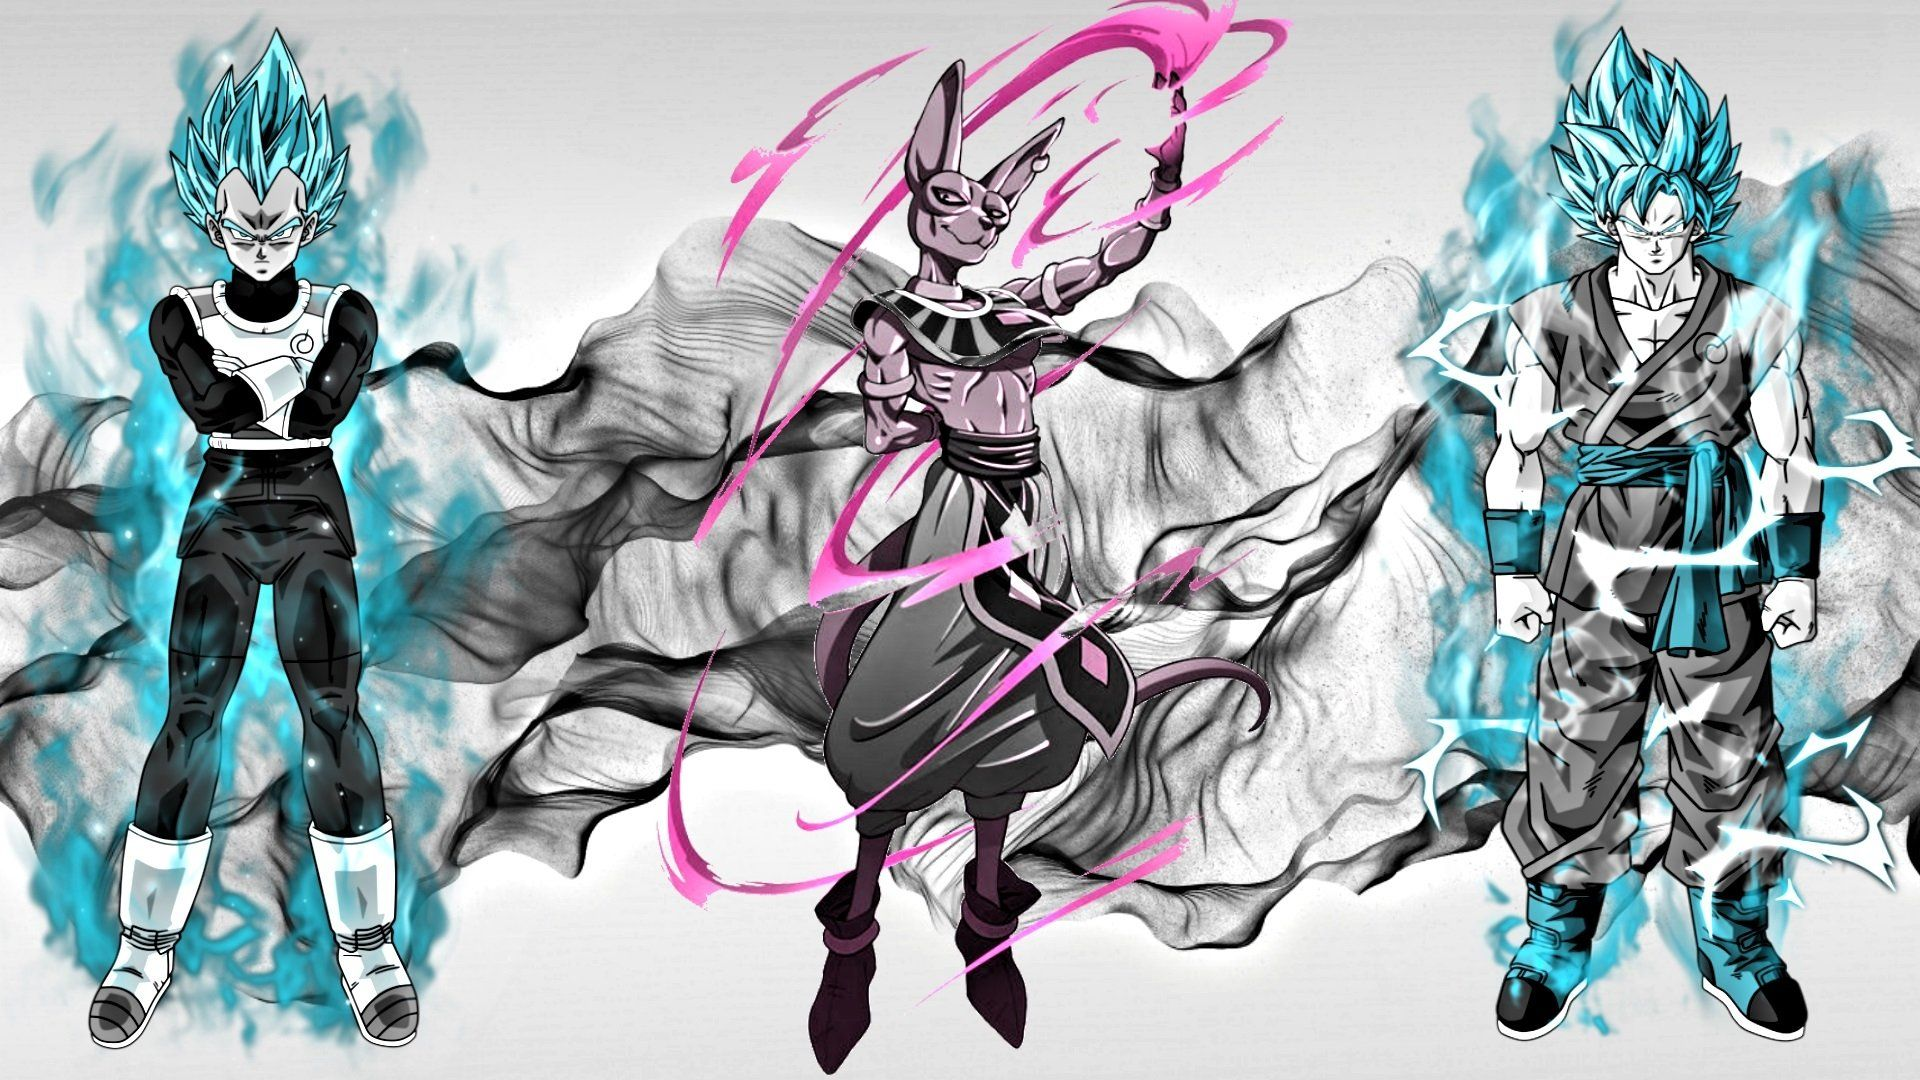 Goku Ssgss Wallpaper Alta Definicao Papeis De Parede Bonitos Alta Resolucao Qualida Dragon Ball Super Wallpapers Dragon Ball Wallpapers Dragon Ball Super Manga